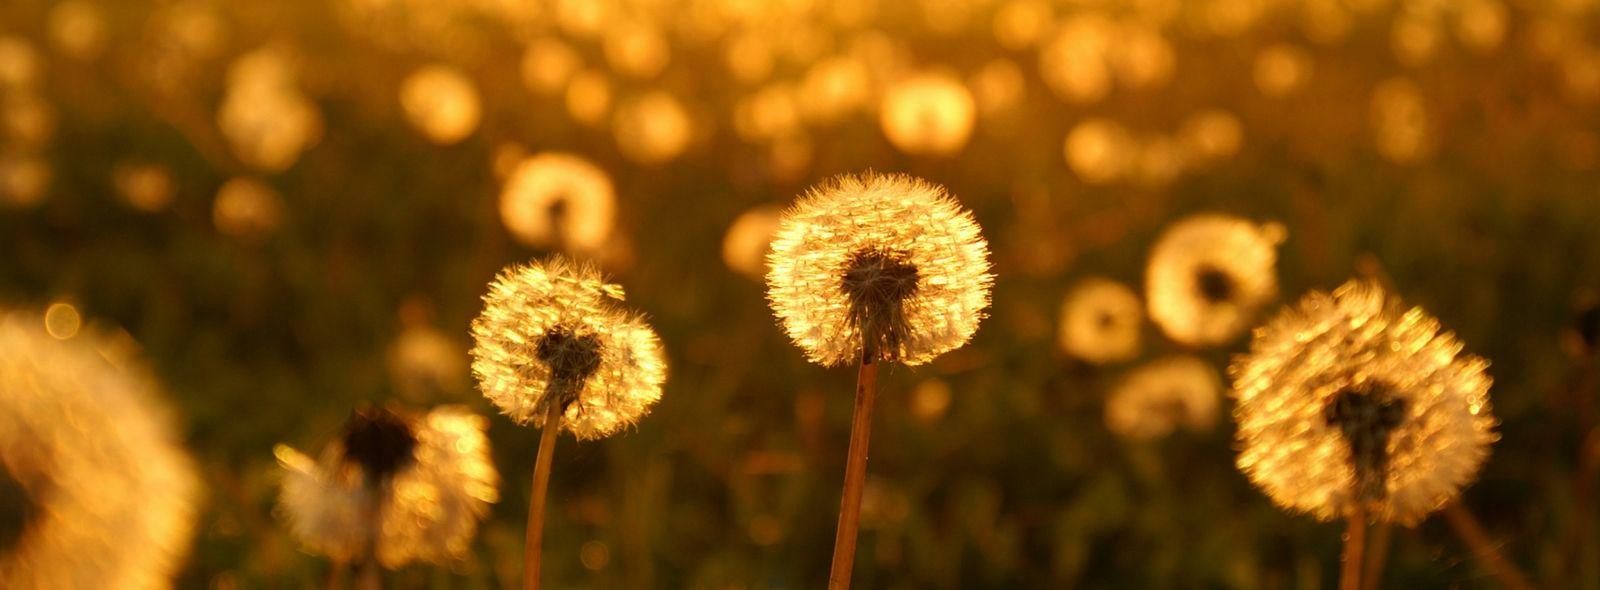 Significato del fiore soffione